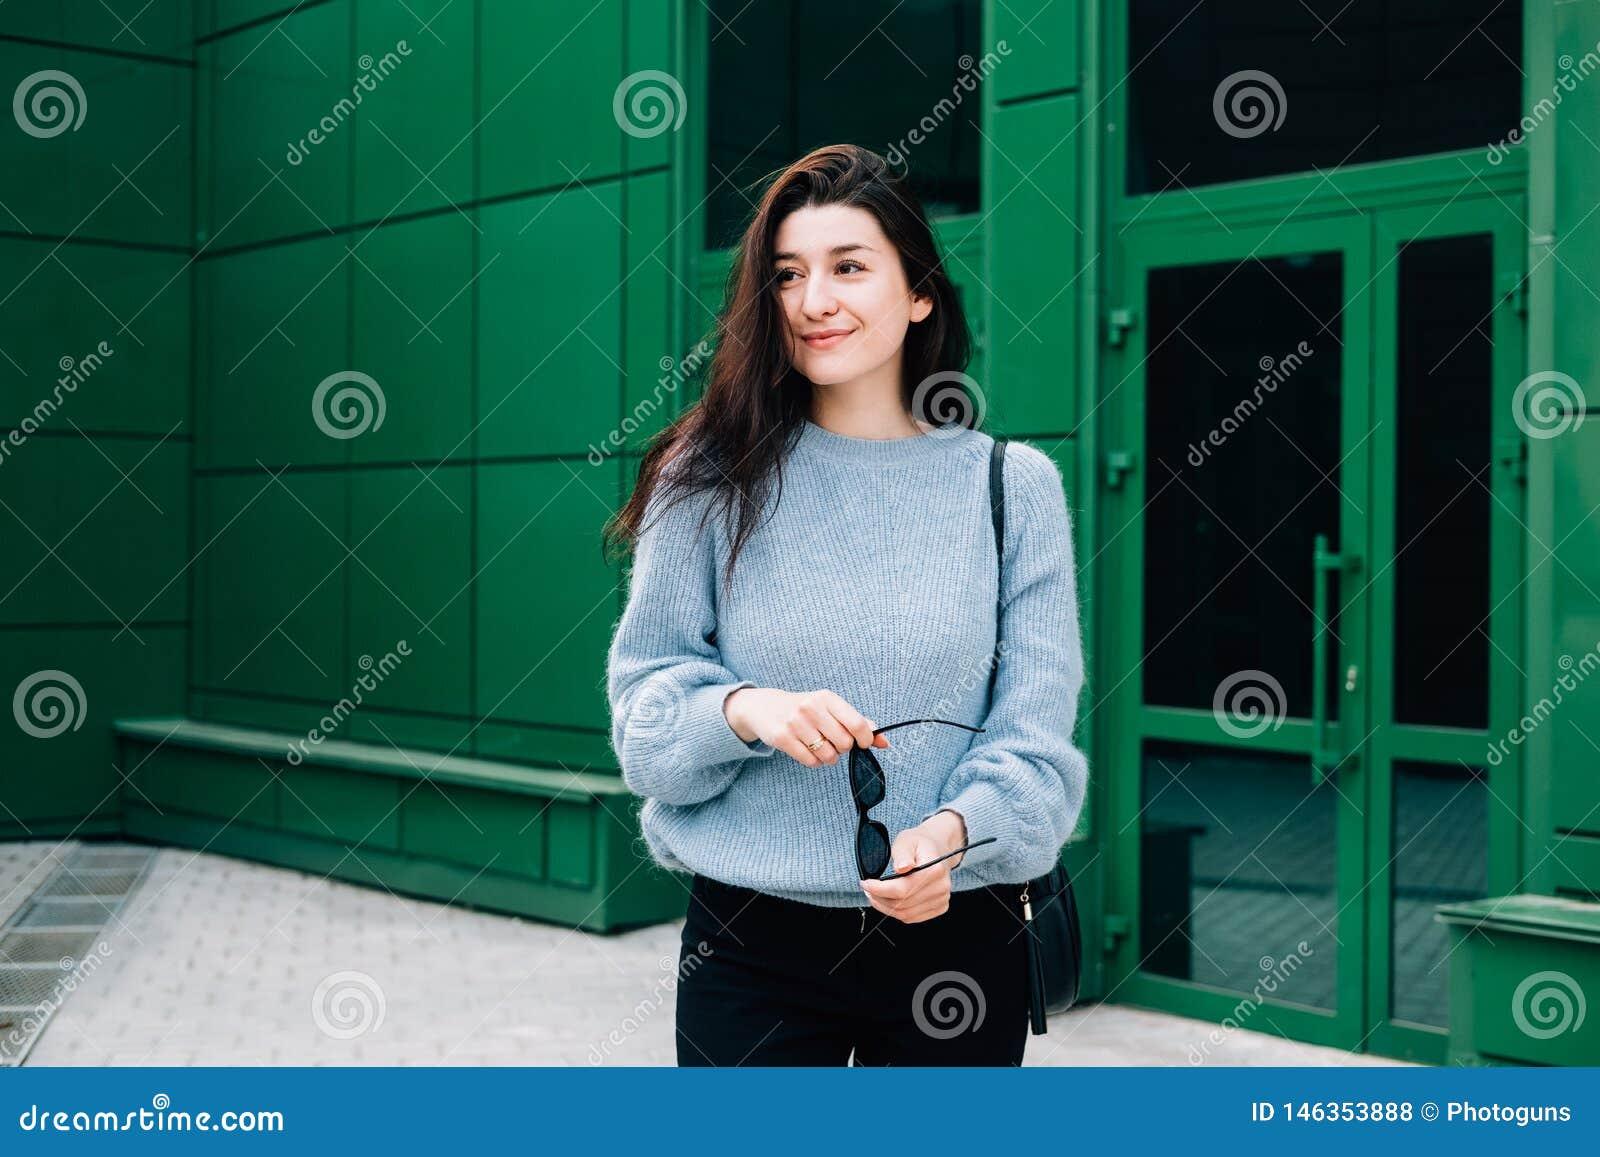 Härlig ung kvinna i en blå ulltröja som poserar i stadsgata på stads- bakgrund för grön byggnad Säker affärsdam,